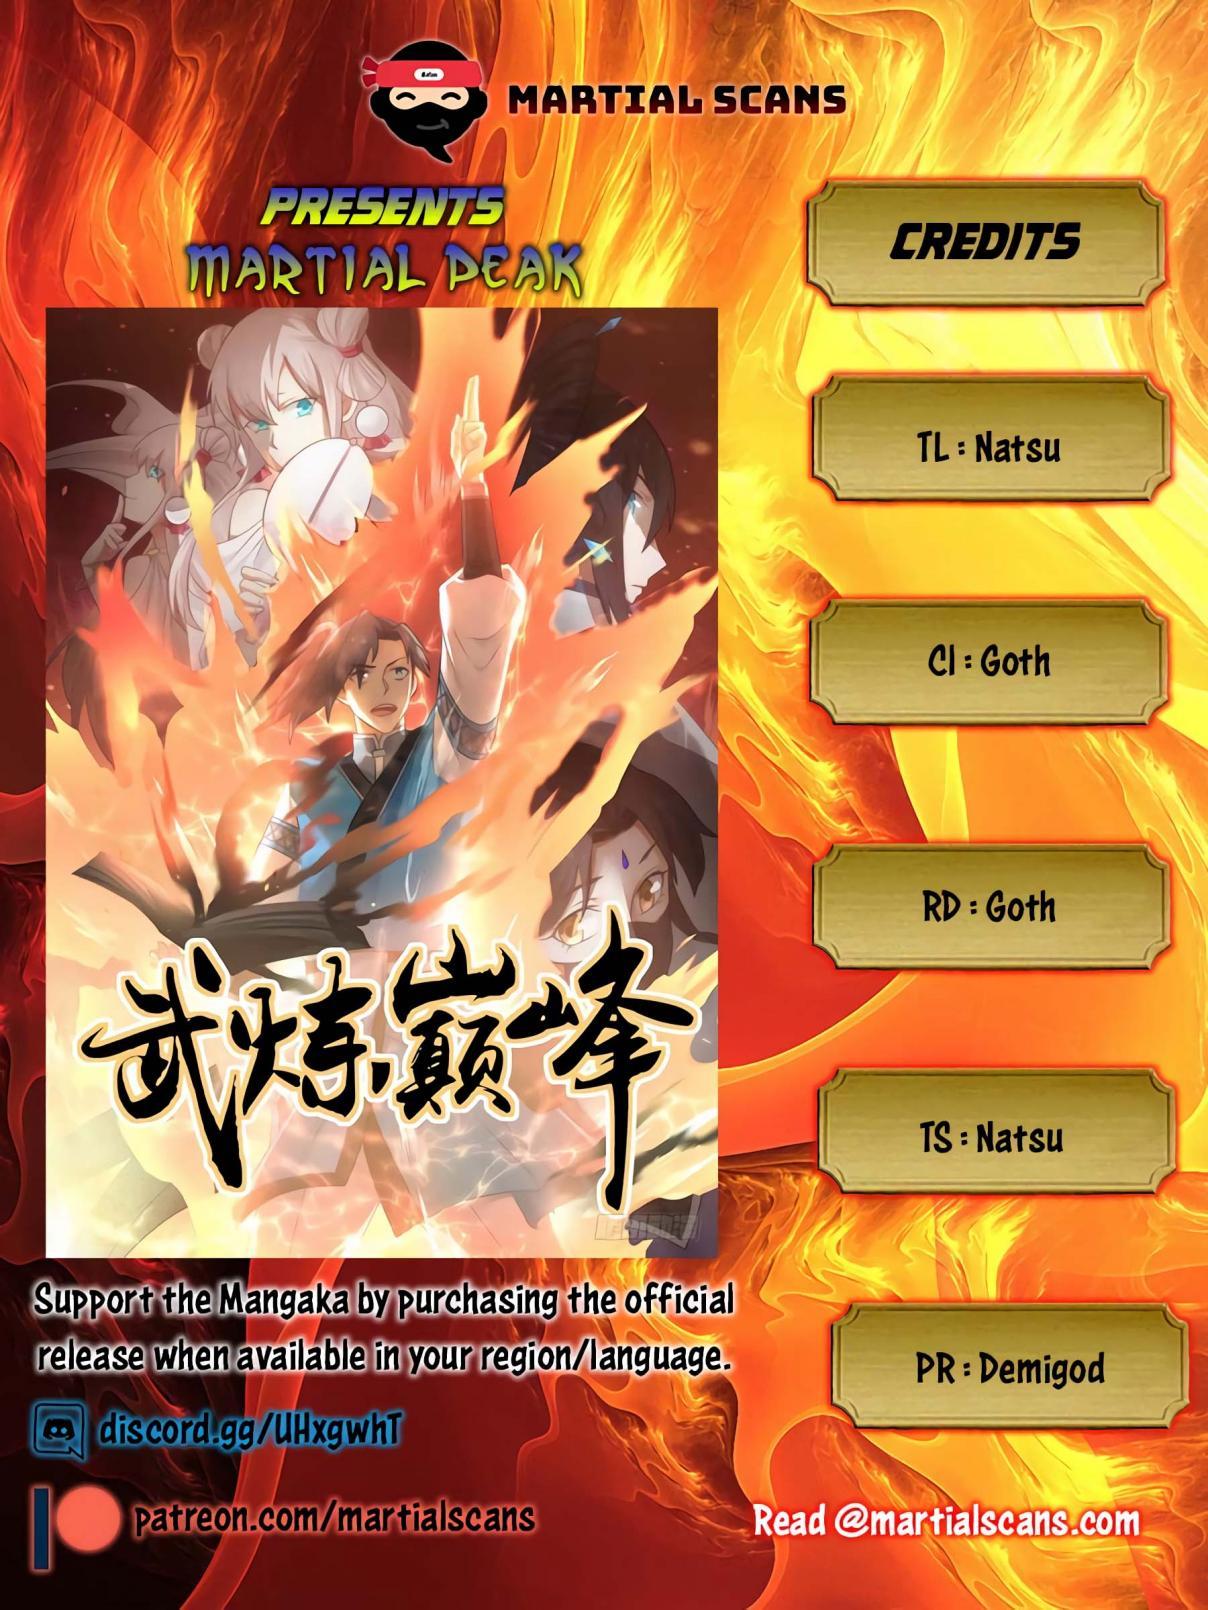 https://manga.mangadogs.com/comics/pic4/17/21329/2090242/5523a66dbd89313ecdd5acddf40d6ace.jpg Page 1